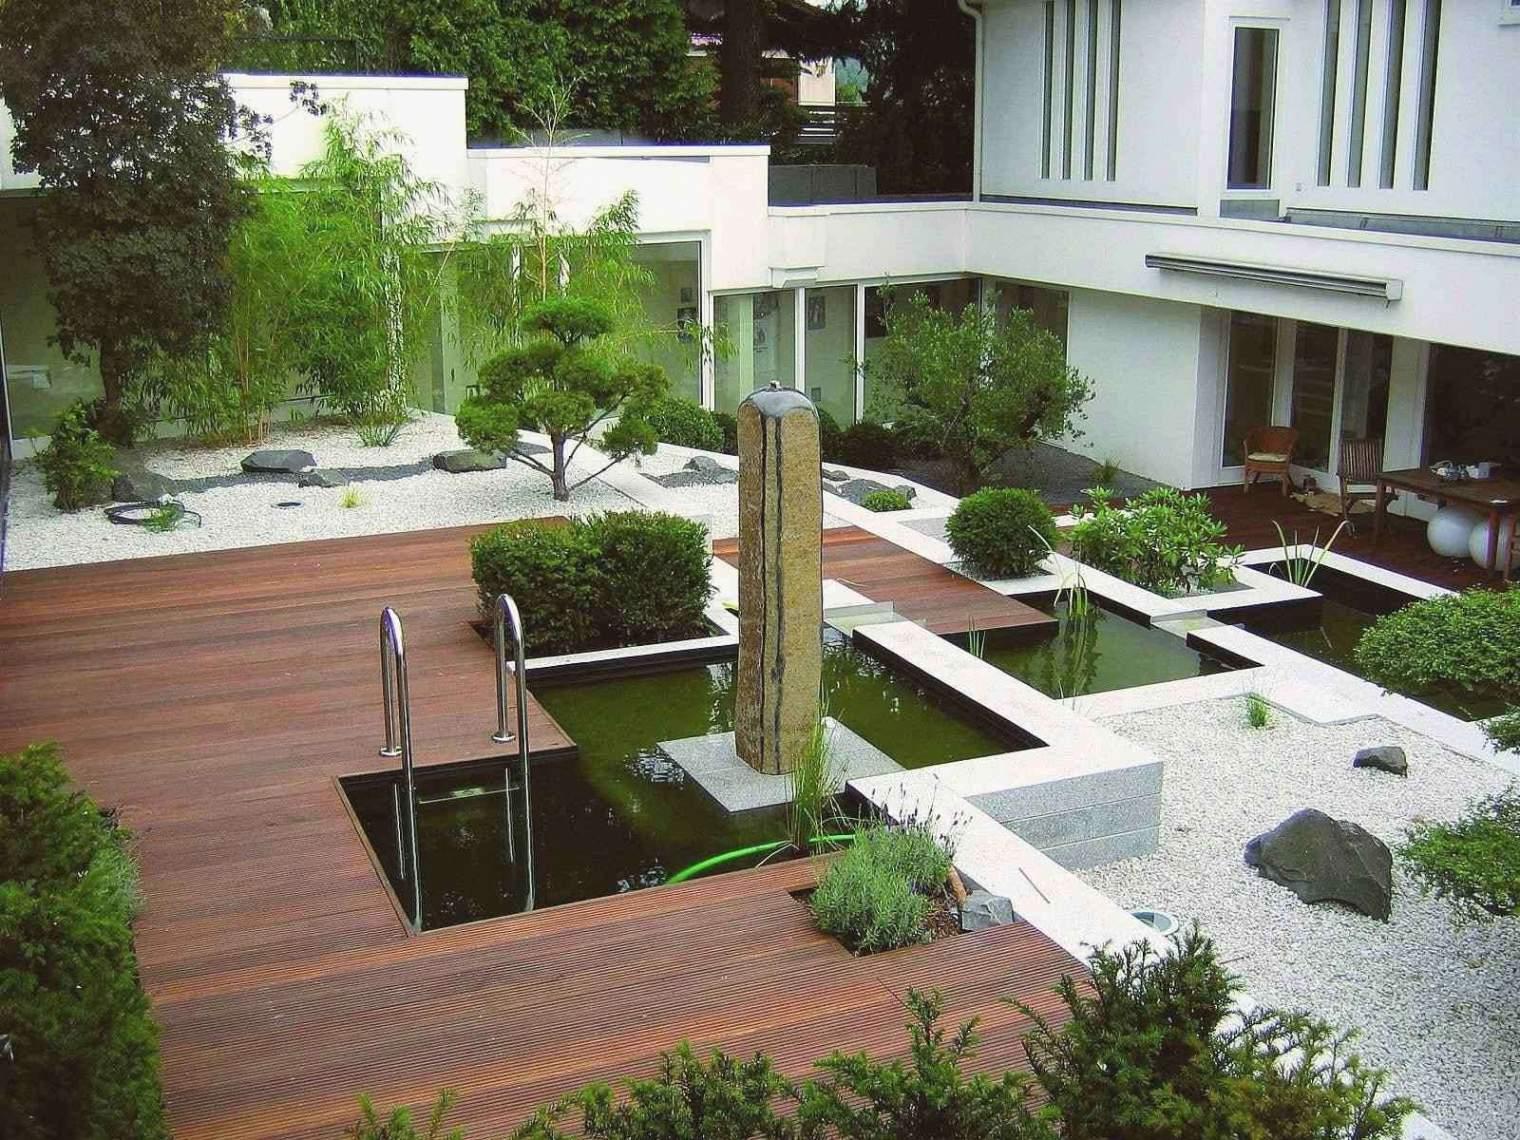 Ideen Für Kleine Gärten Luxus Kleine Pools Für Kleine Gärten — Temobardz Home Blog